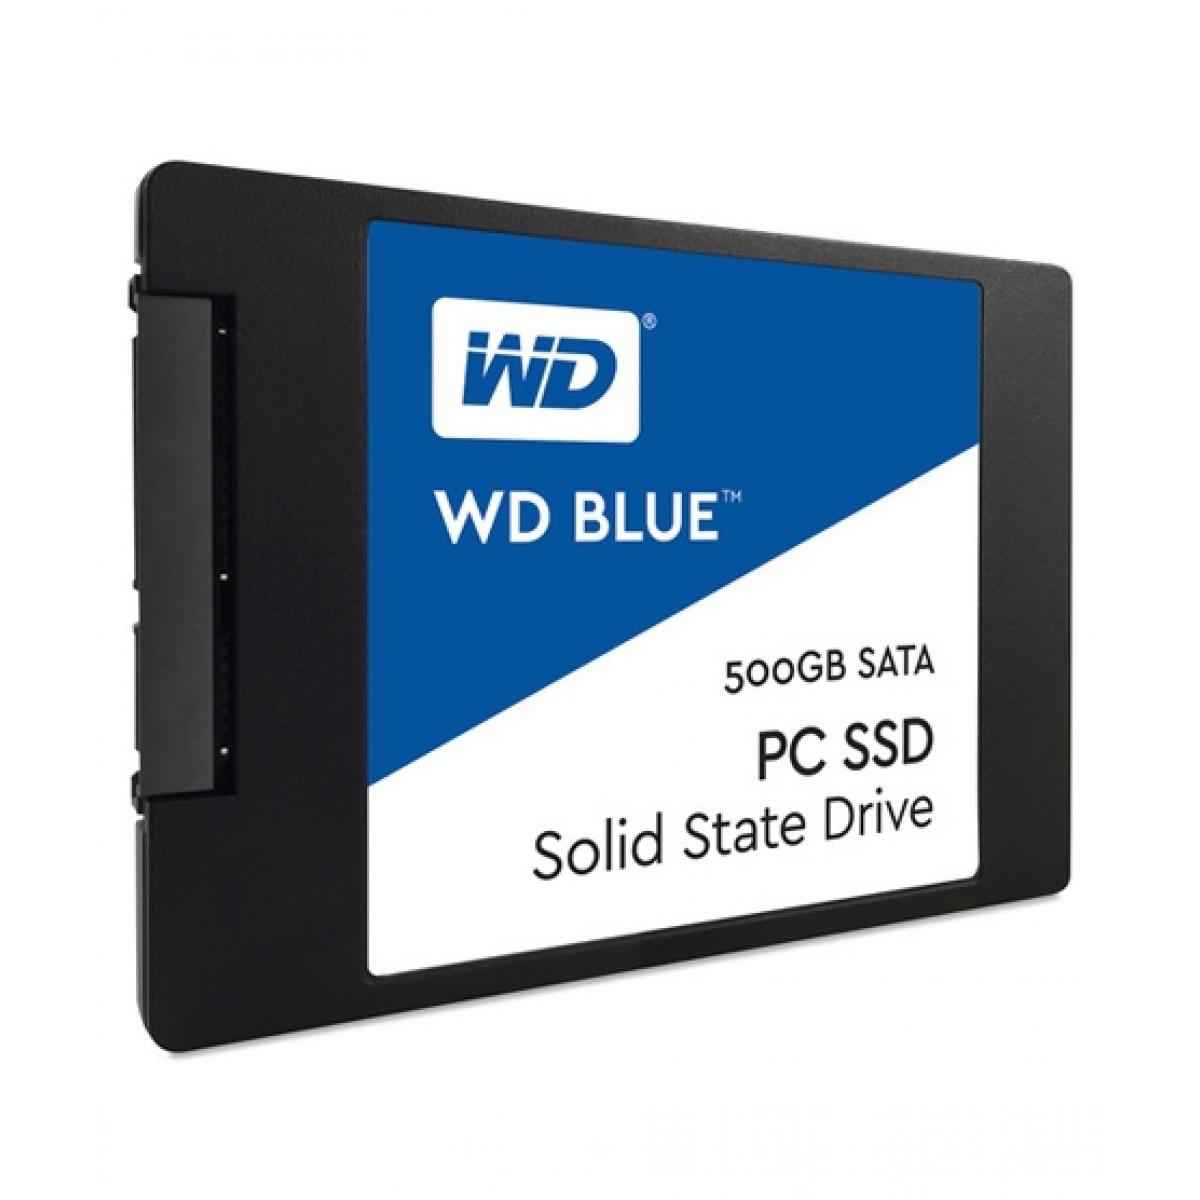 WD Blue 500GB SATA III Internal SSD (WDS500G1B0A)